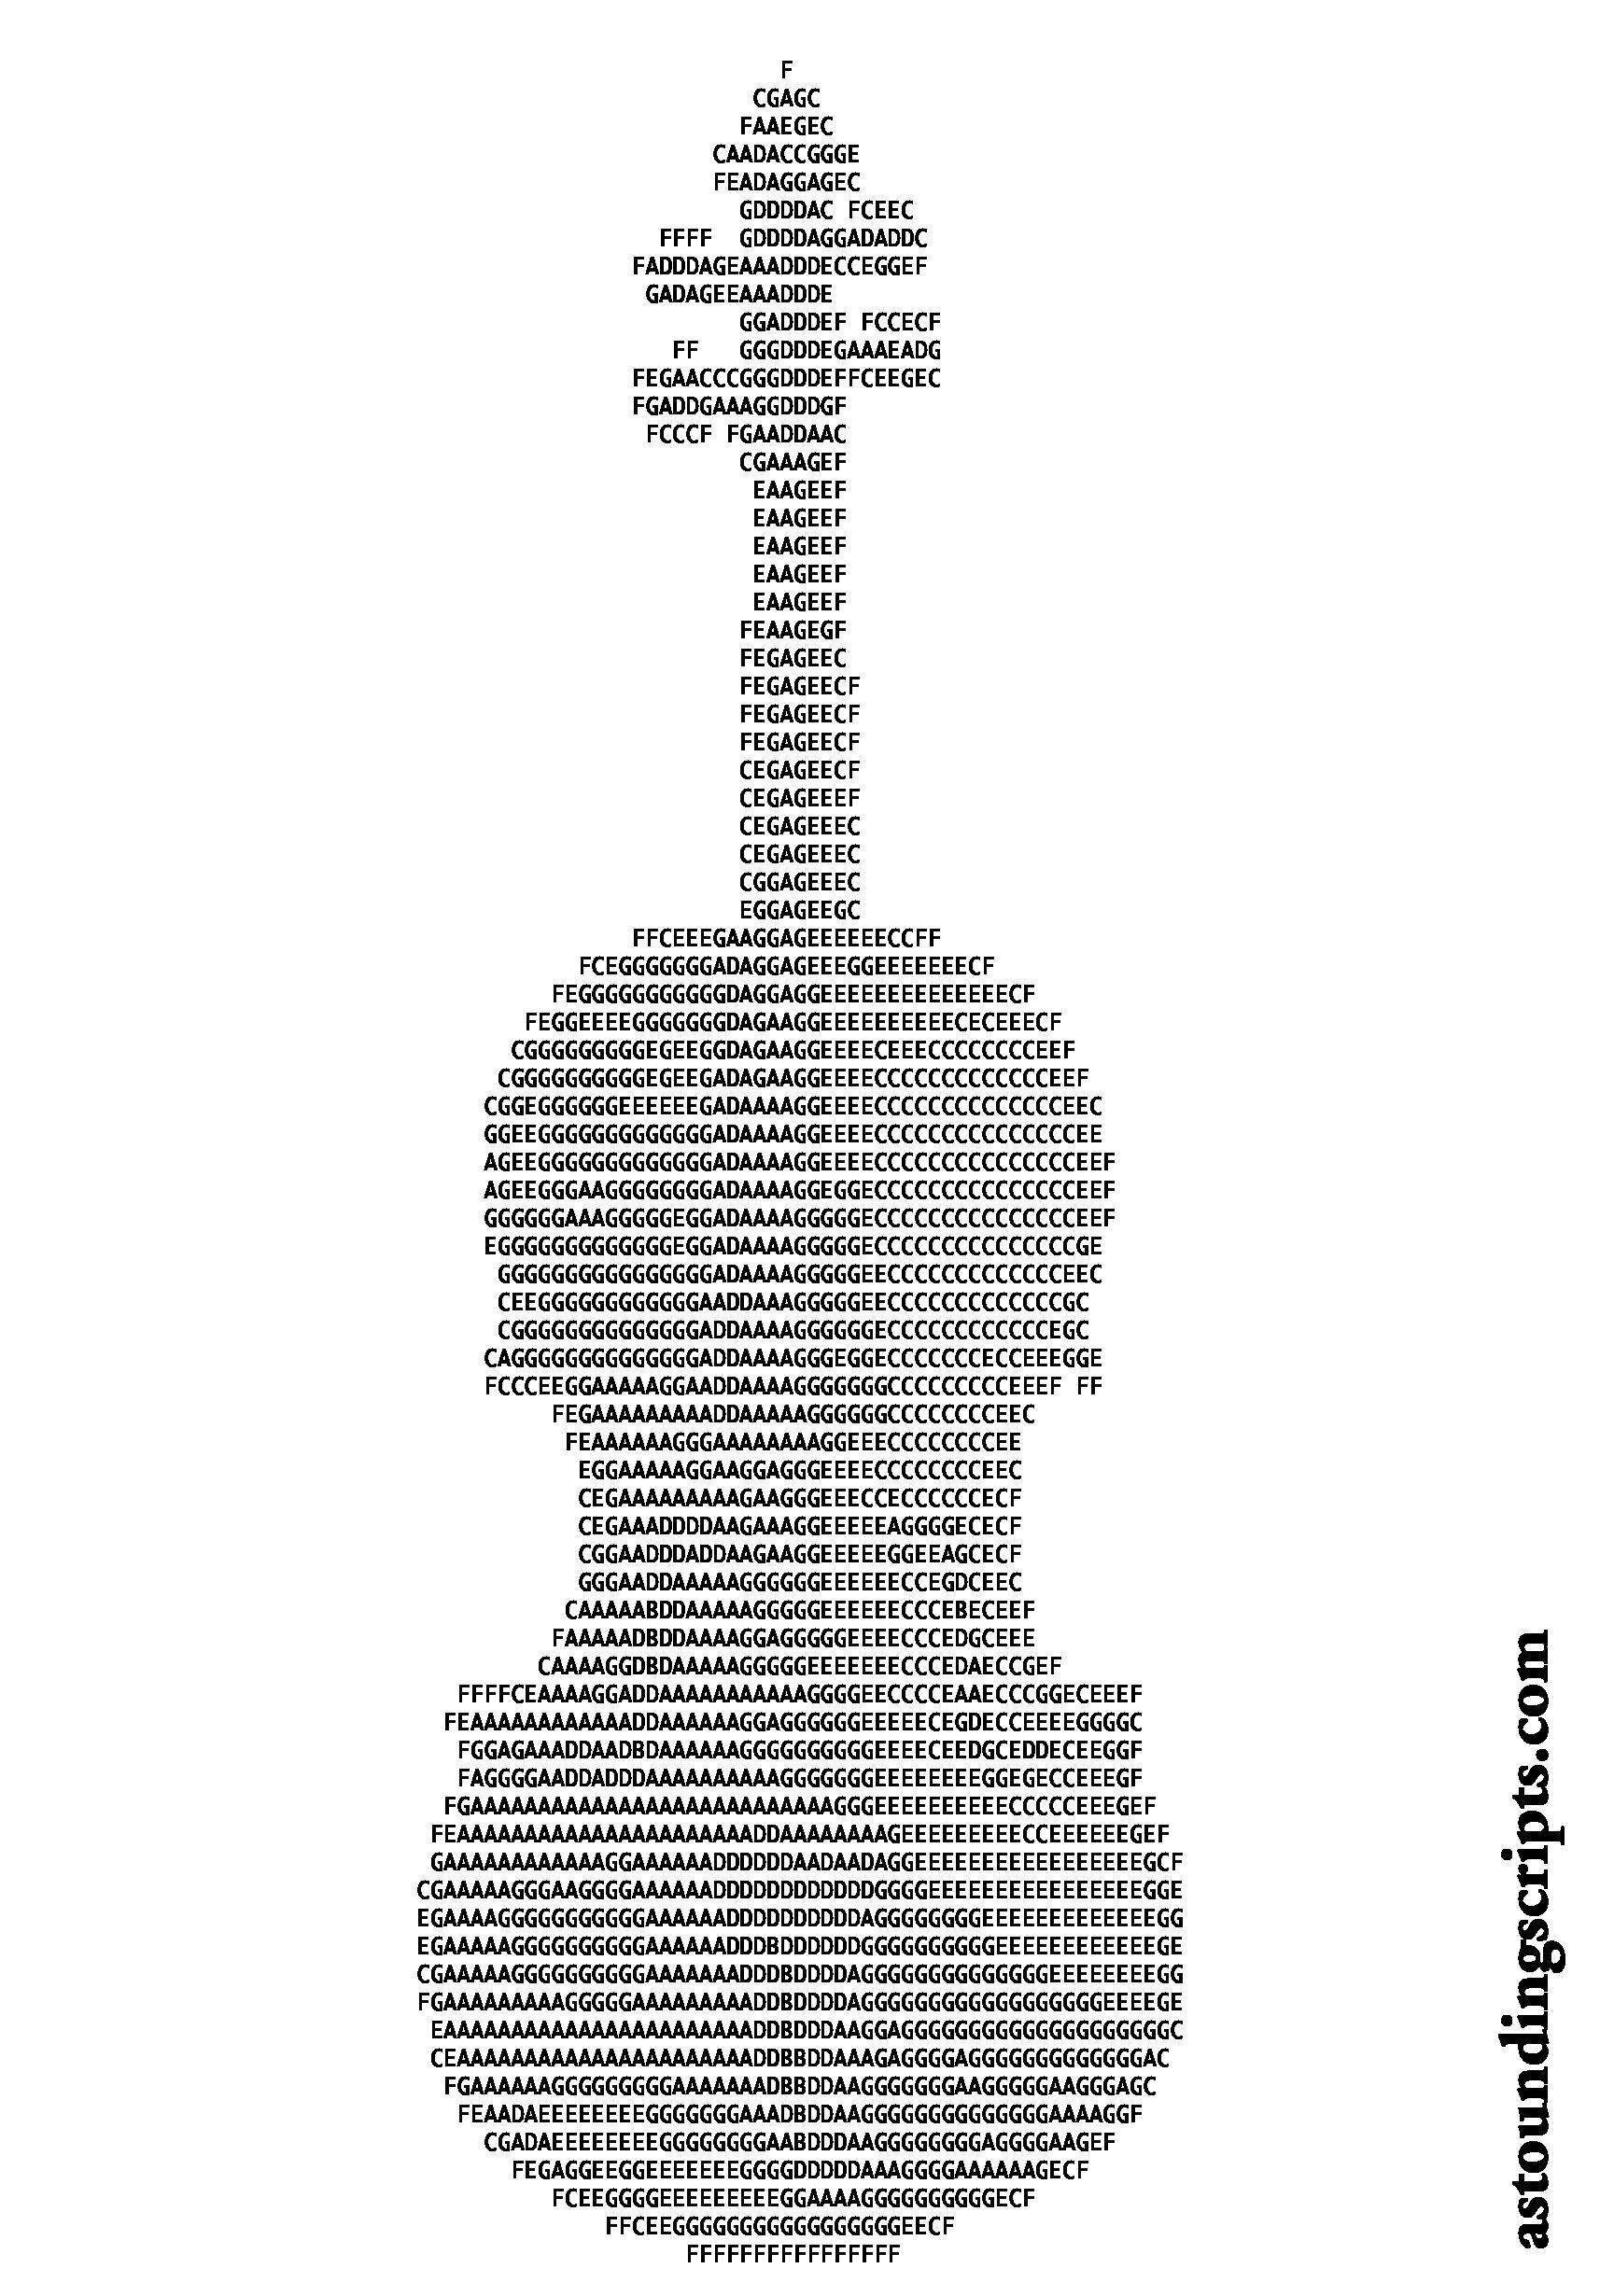 ASCII viola